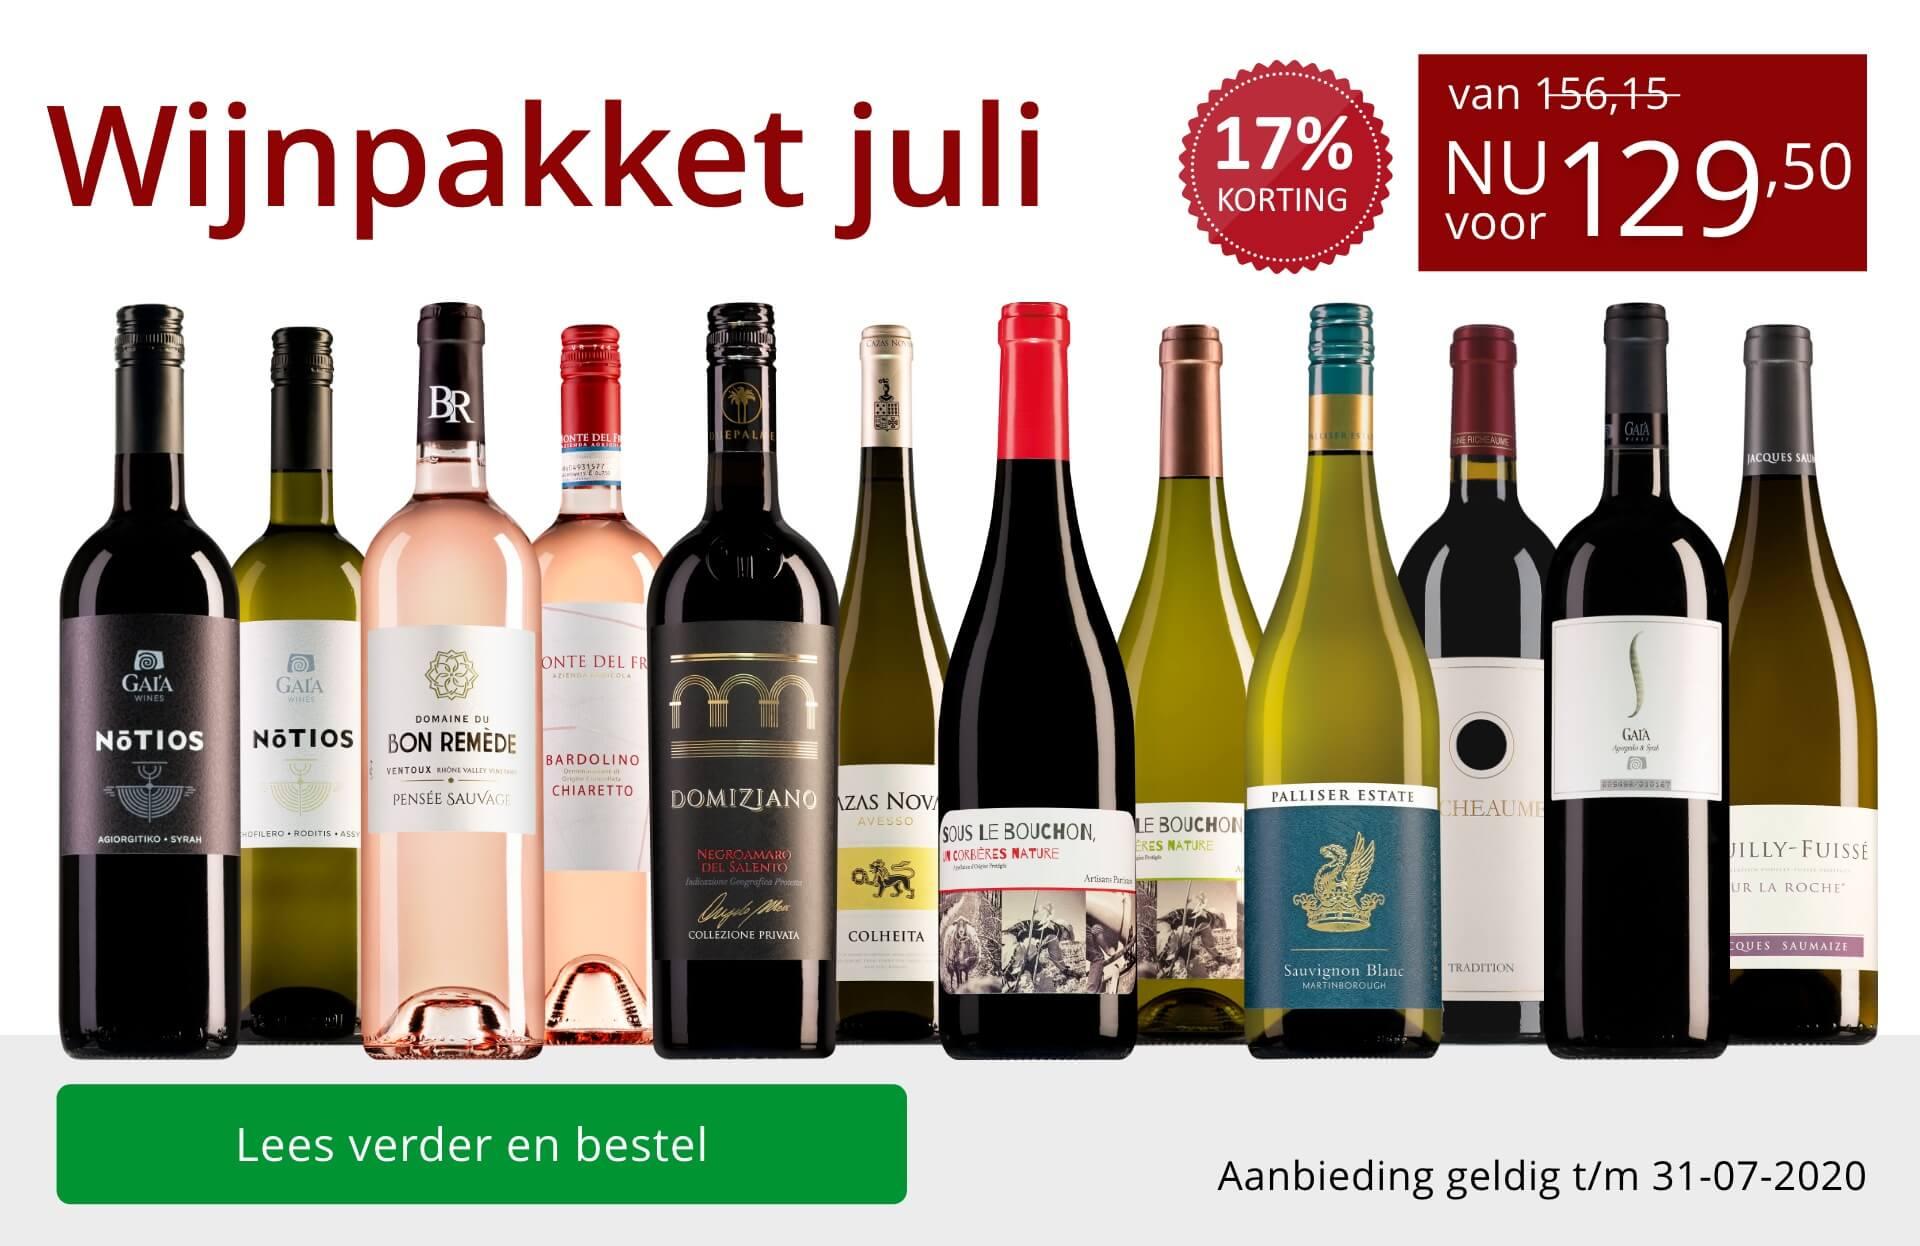 Wijnpakket wijnbericht juli 2020(129,50)-rood